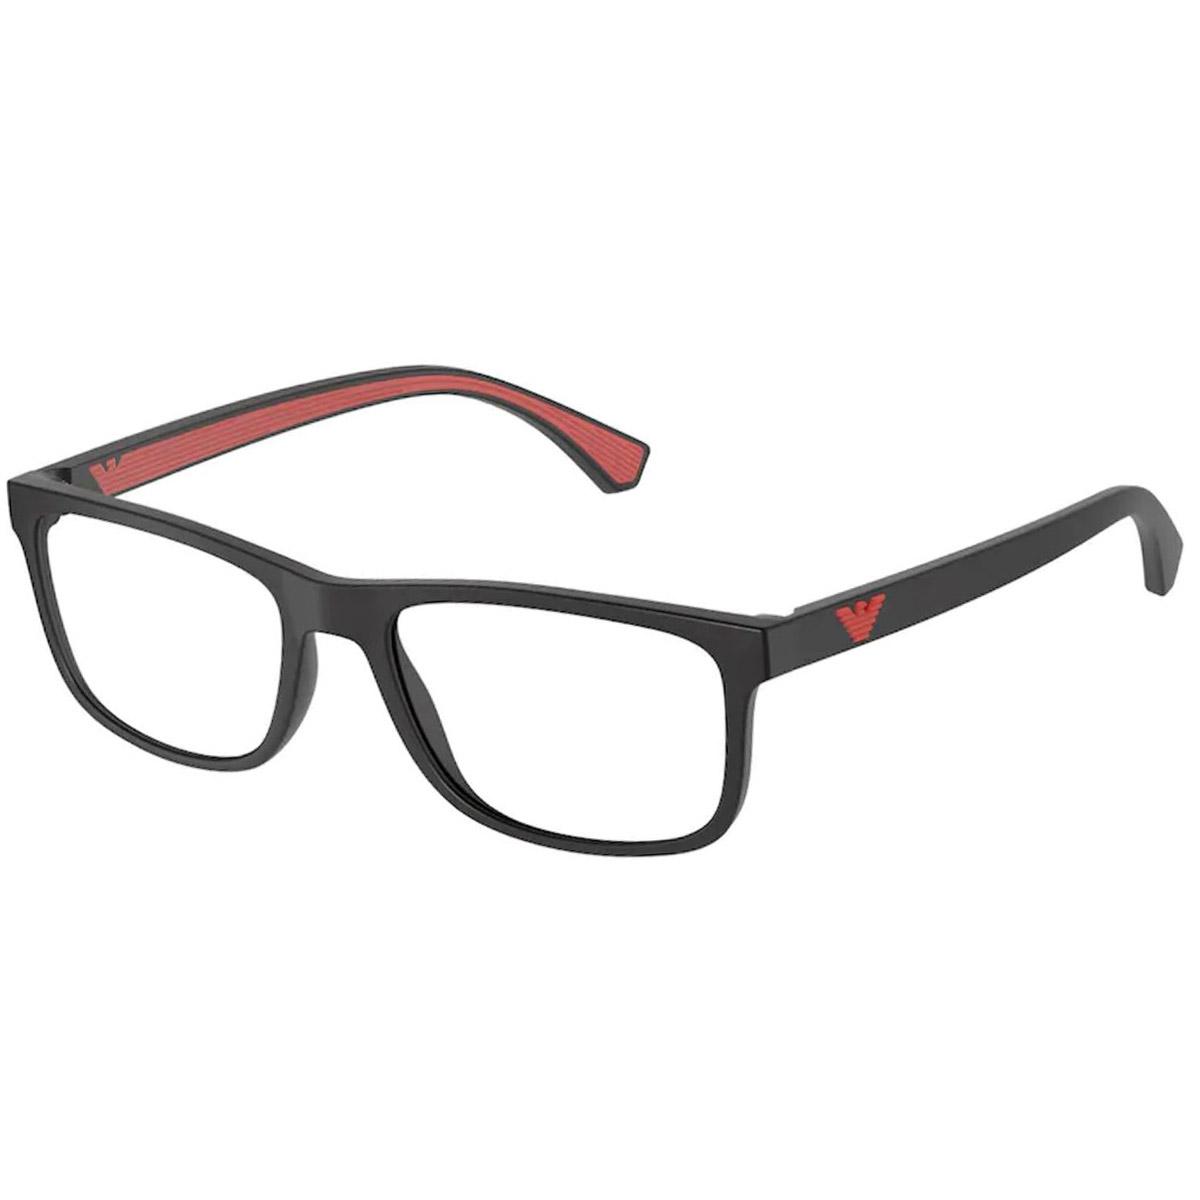 Armação de Óculos Empório Armani EA3147 Preto Fosco e Vermelho